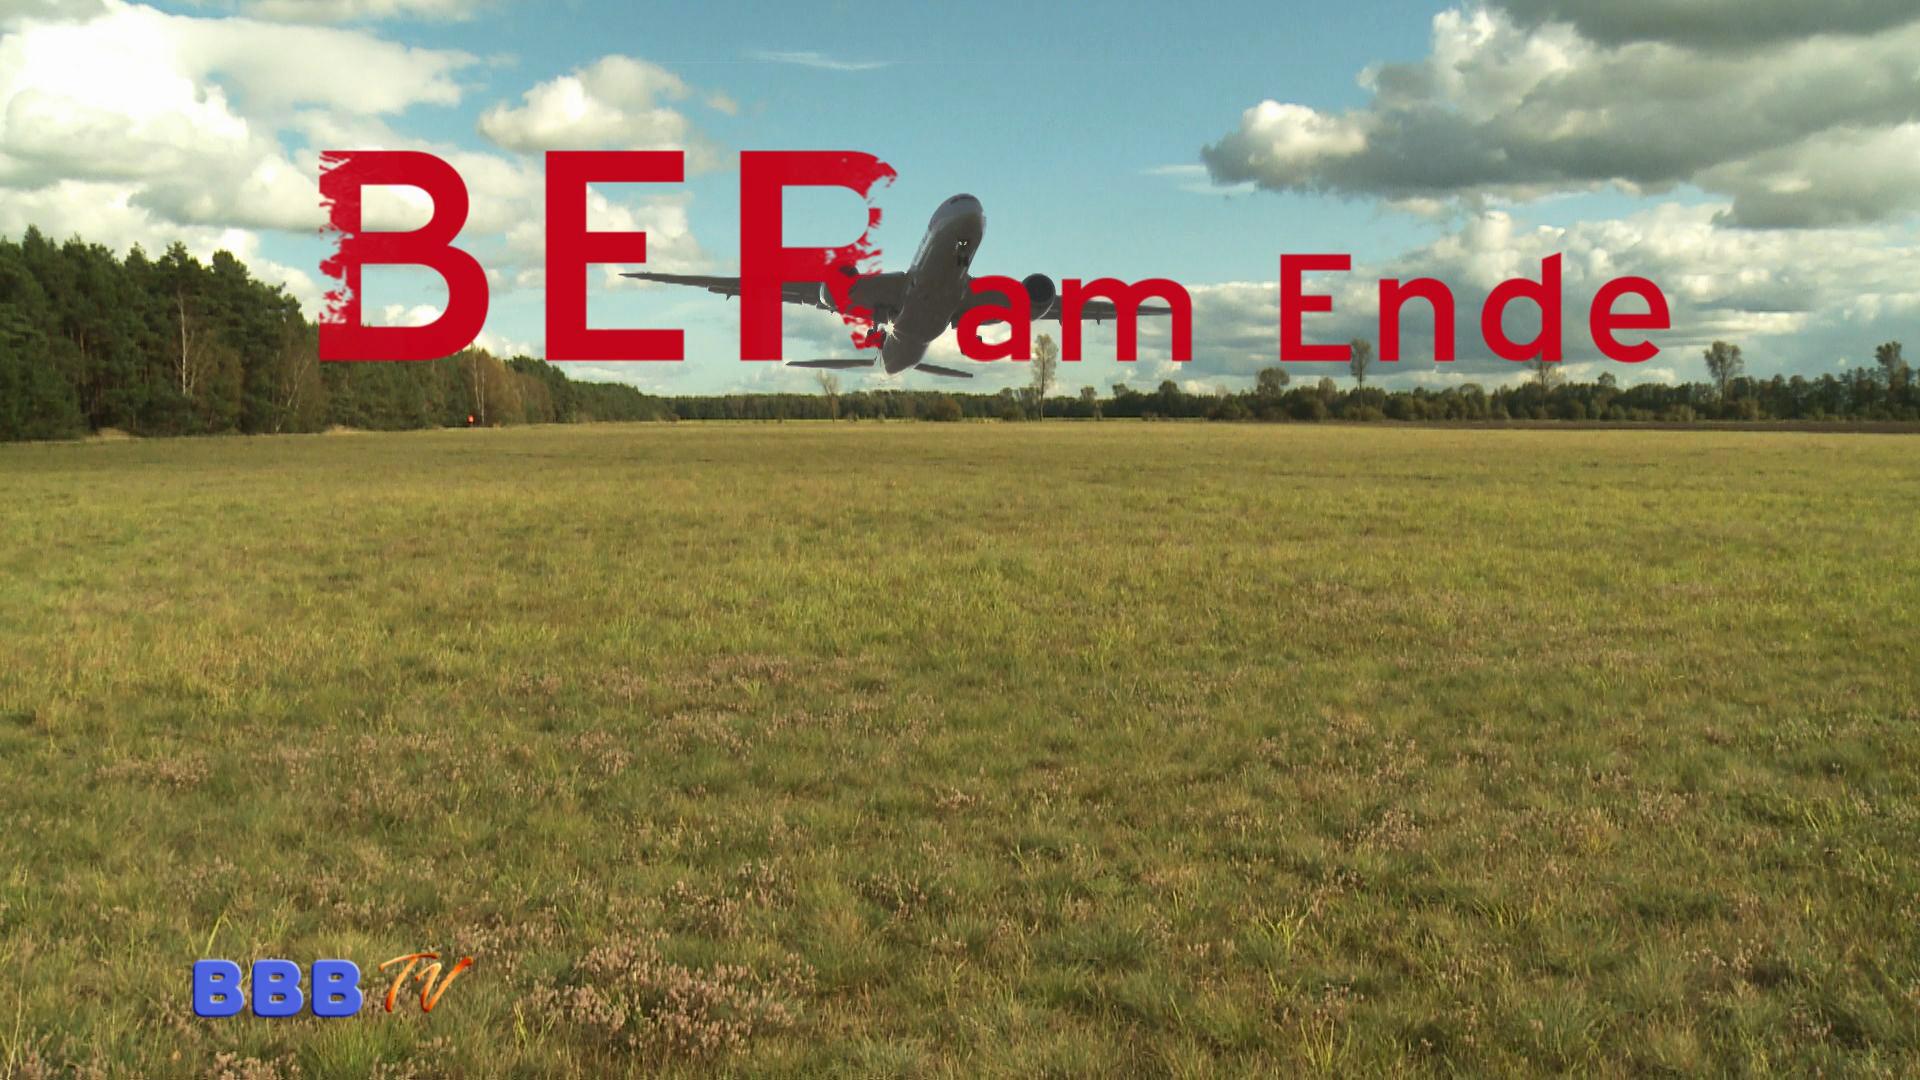 neuer Großflughafen im Süden geplant Gisbert Dreyer, Stadtplaner – Projektentwickler stellt Projekt vor Großflughafen privat finanziert BER wird niemals funktionieren ab sofort auch mit Untertiteln